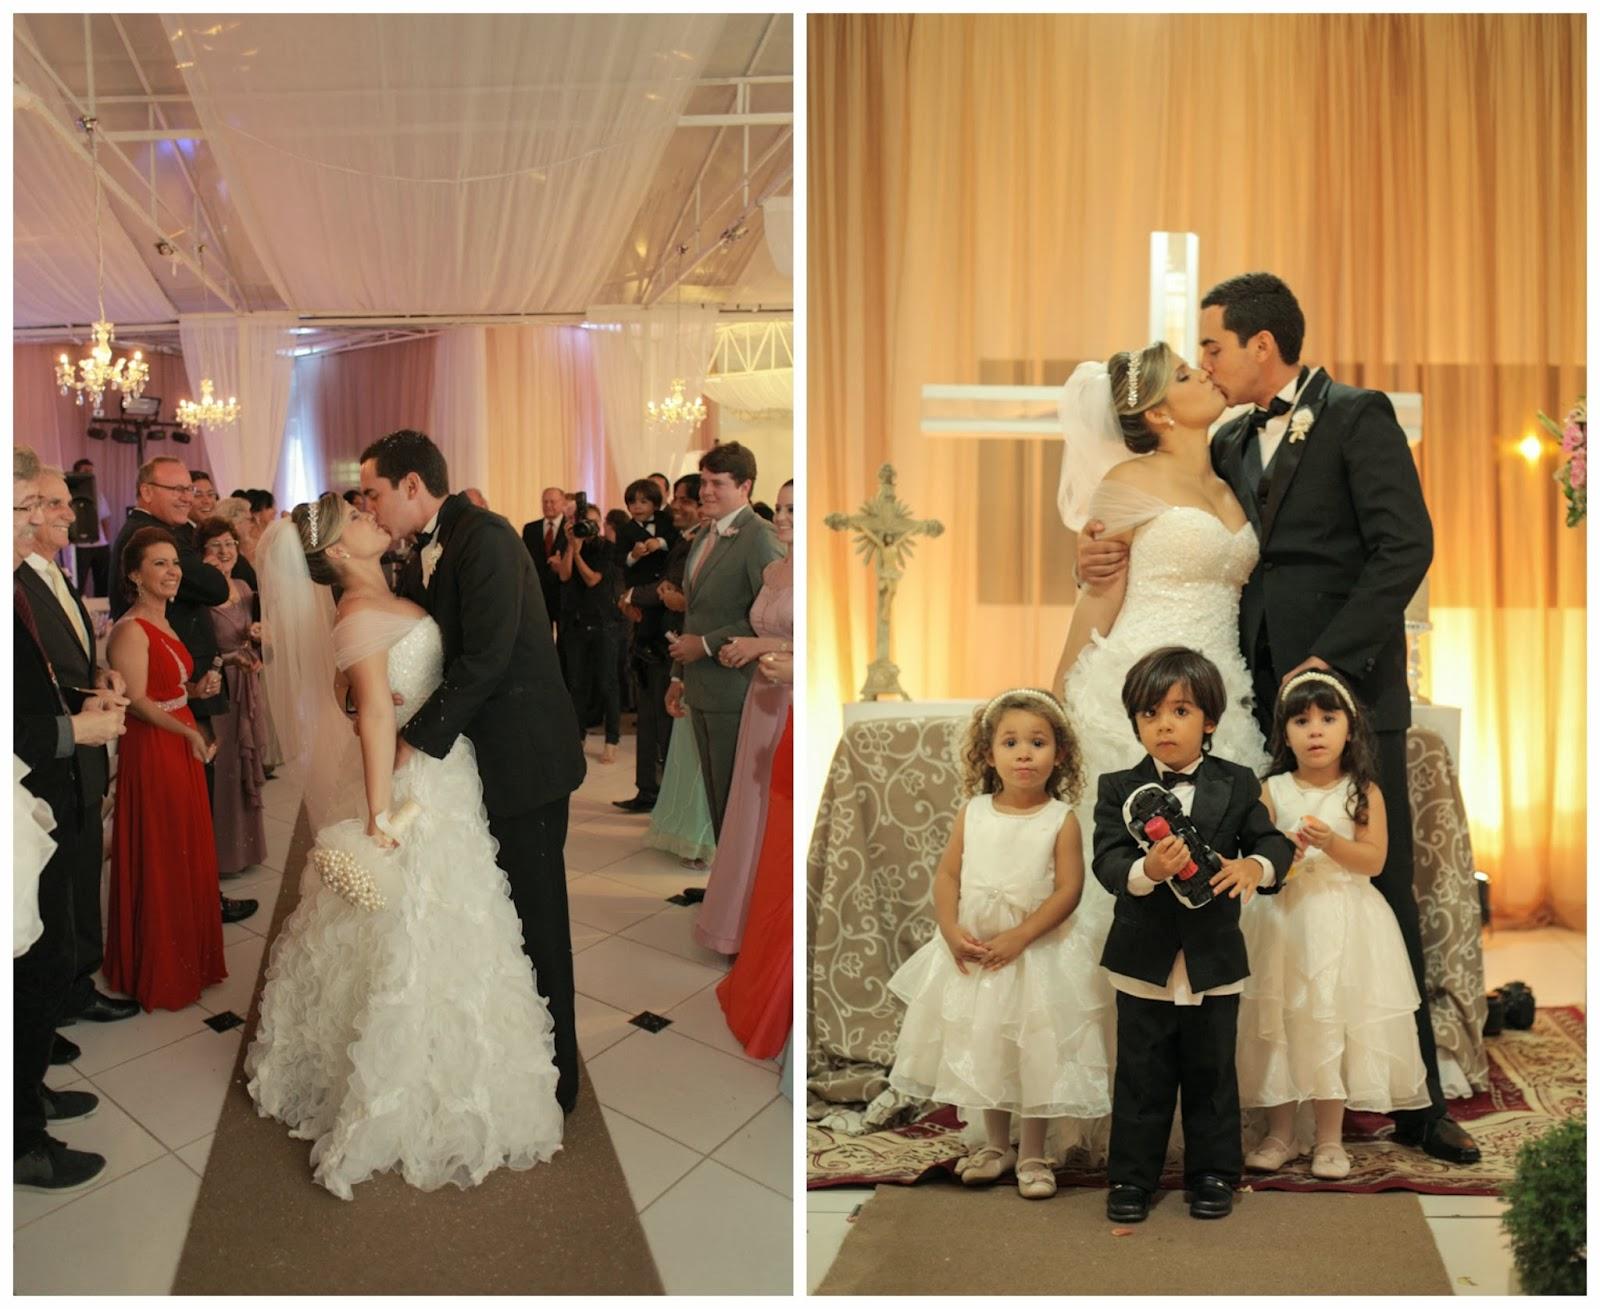 cerimonia-saida-dos-noivos-beijo-criancas